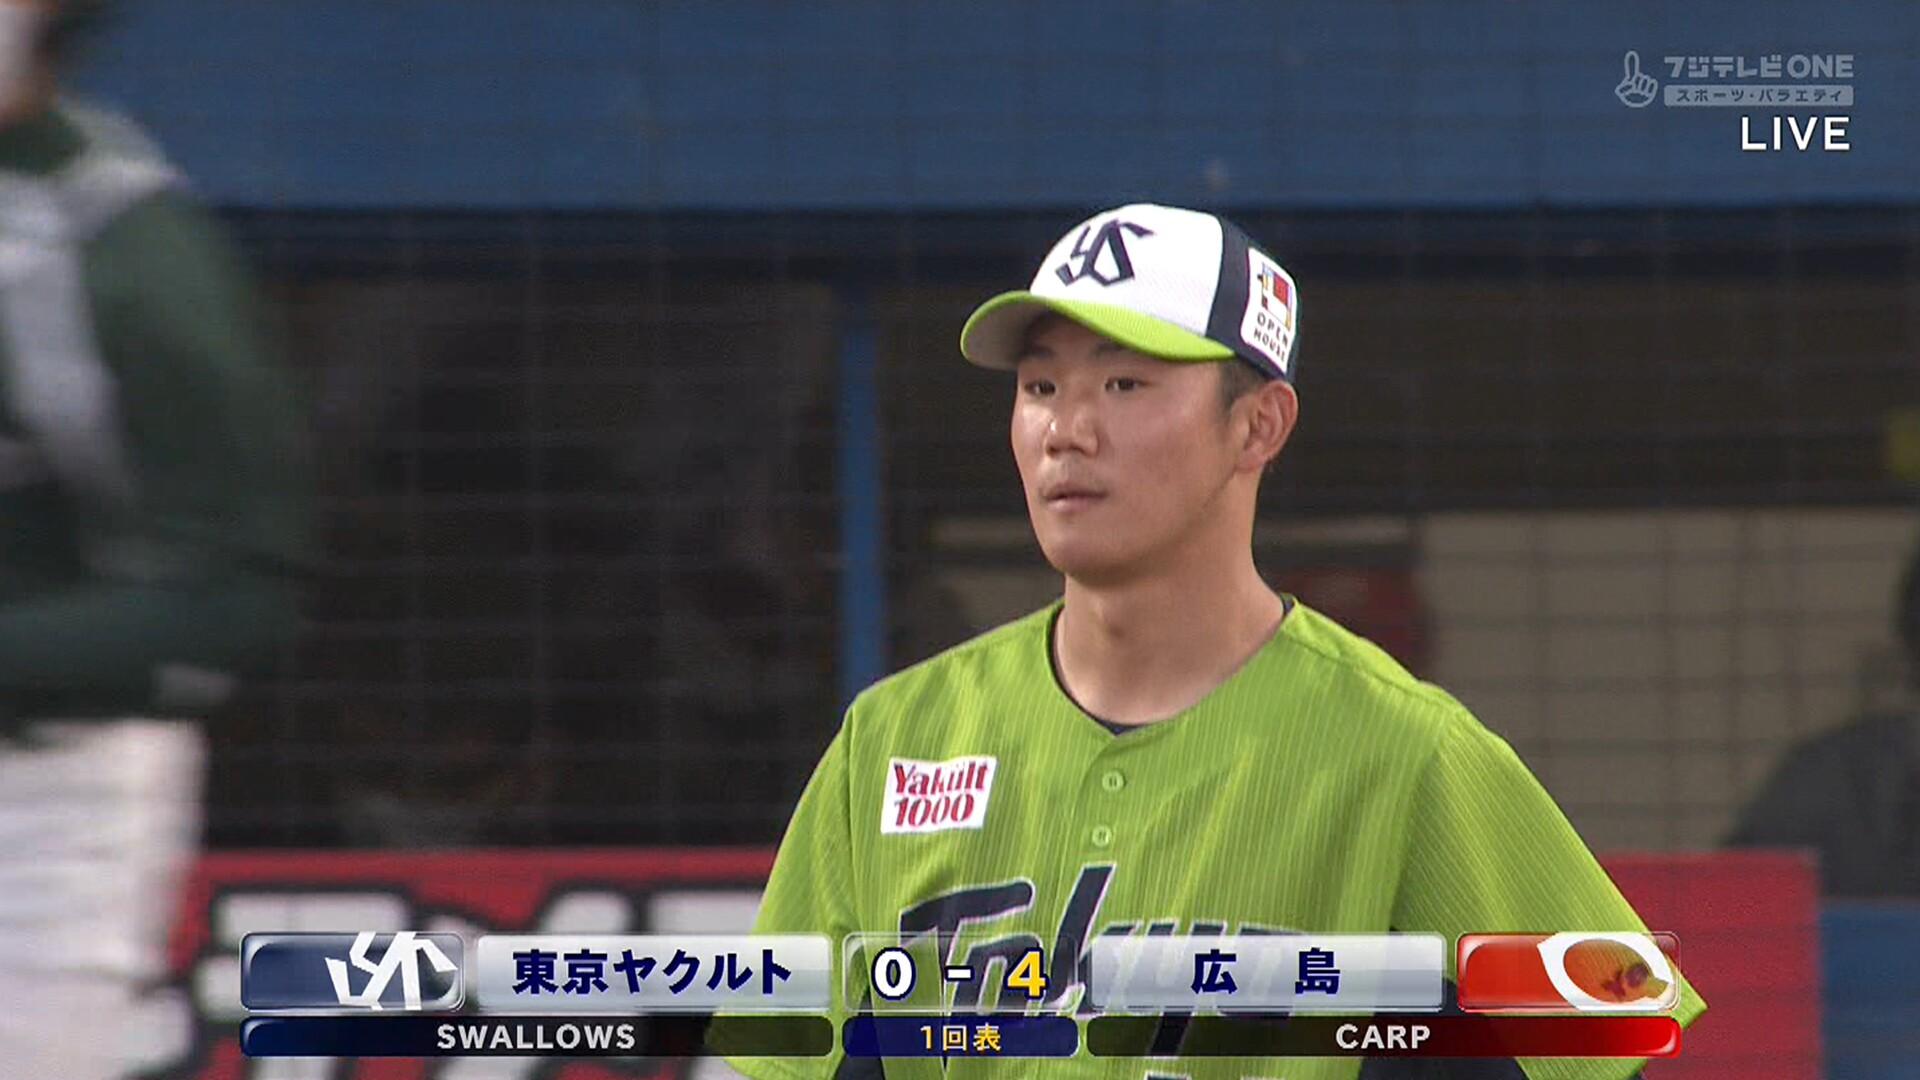 ヤクルト・奥川、初回2アウトから5連打で4失点